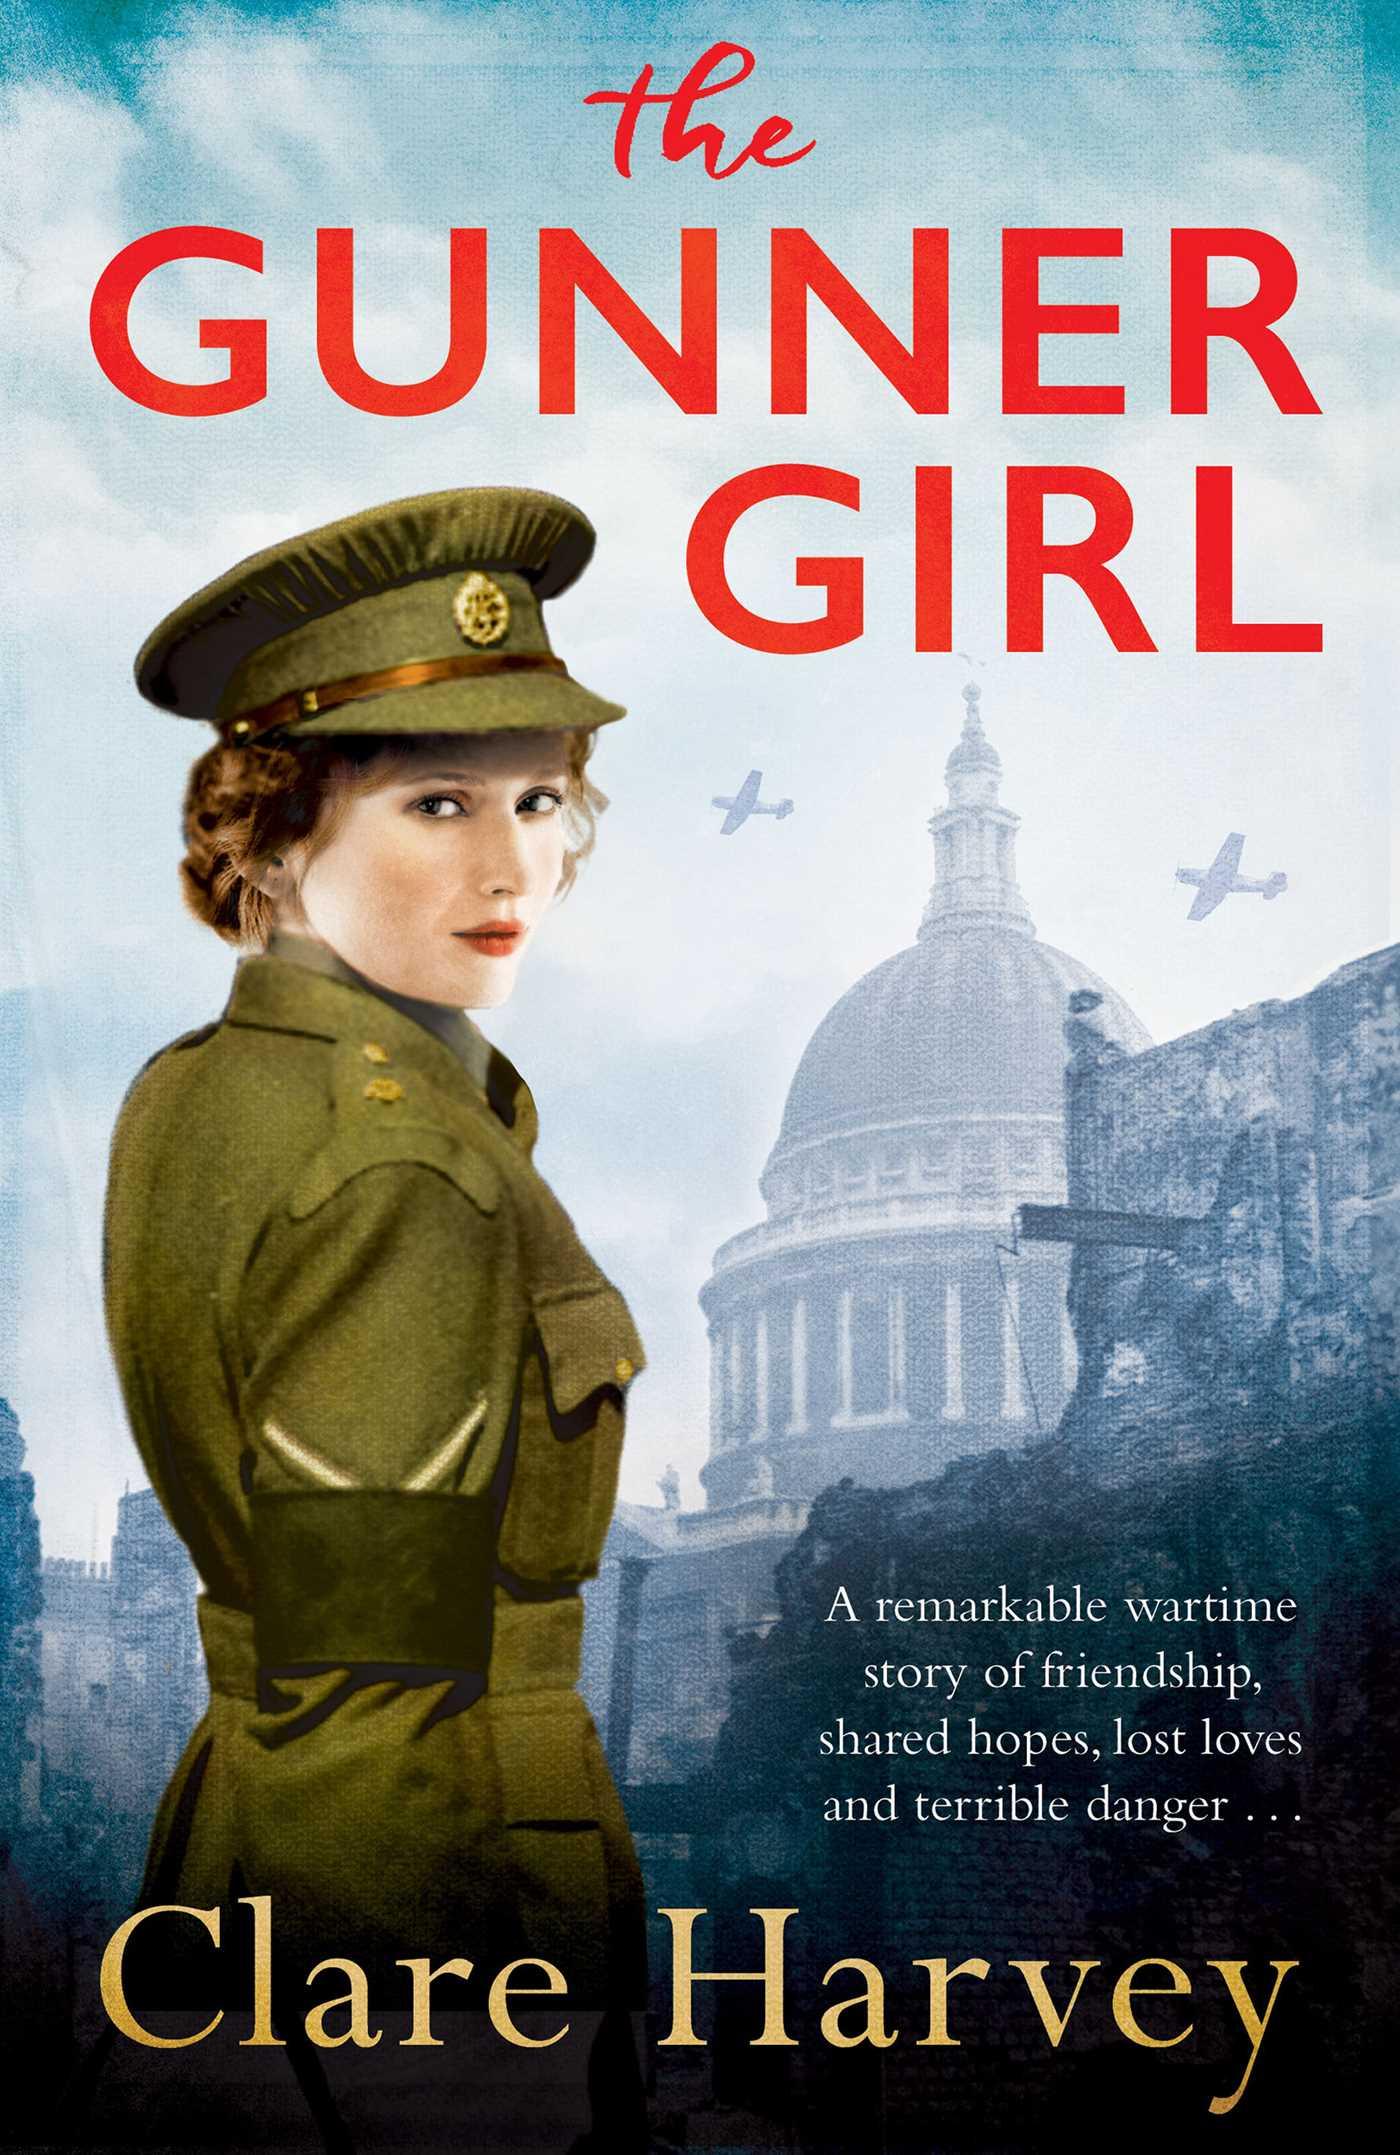 The gunner girl 9781471150531 hr